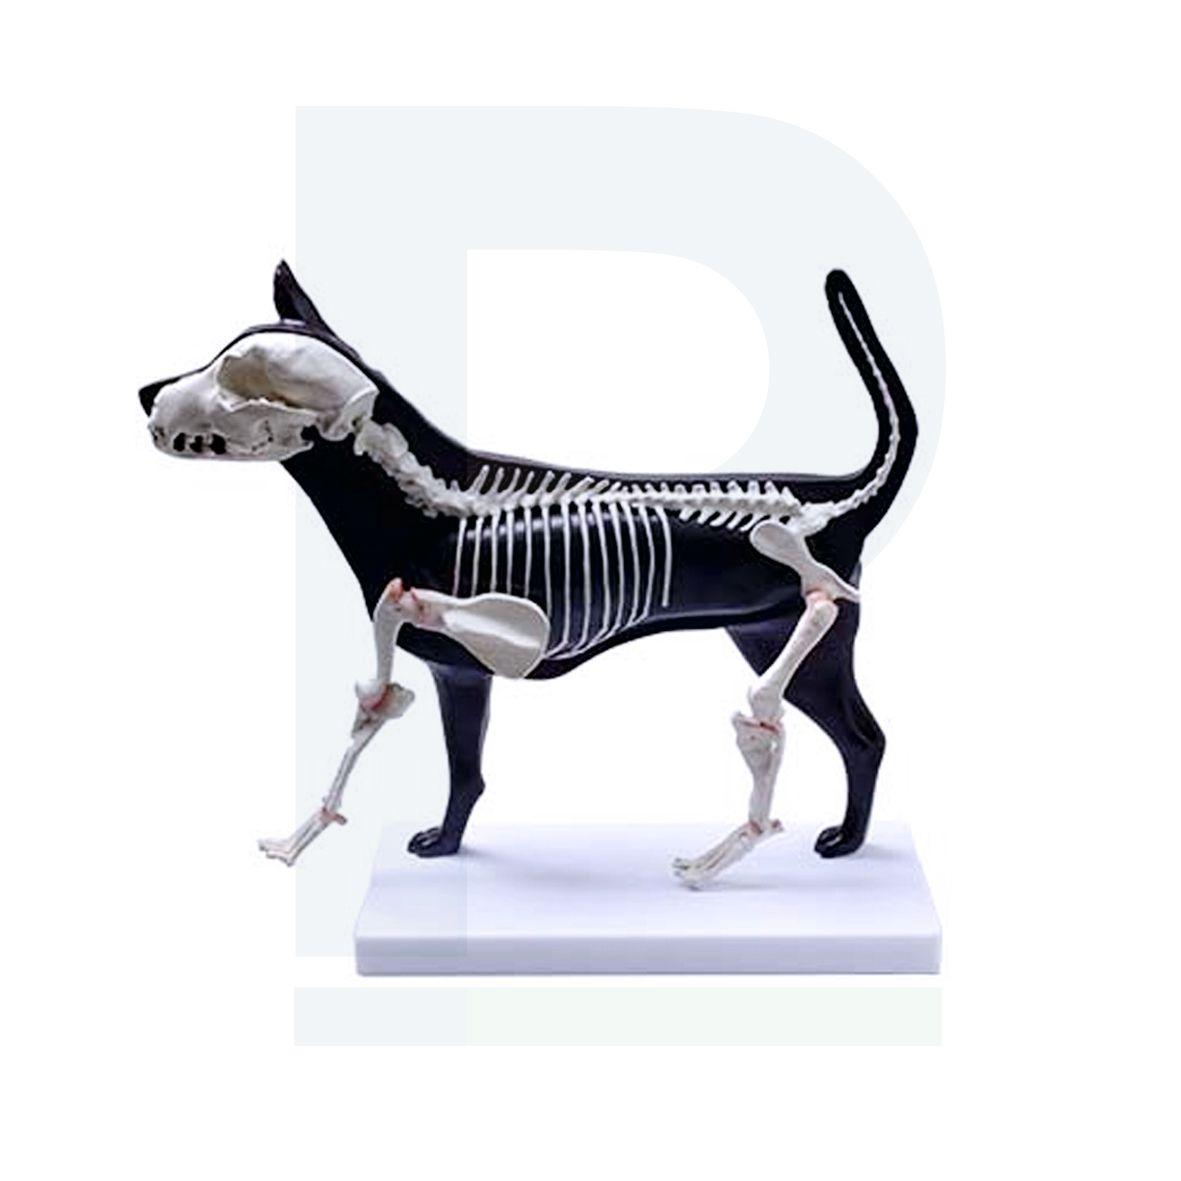 Modelo Anatômico com Esqueleto de Cachorro